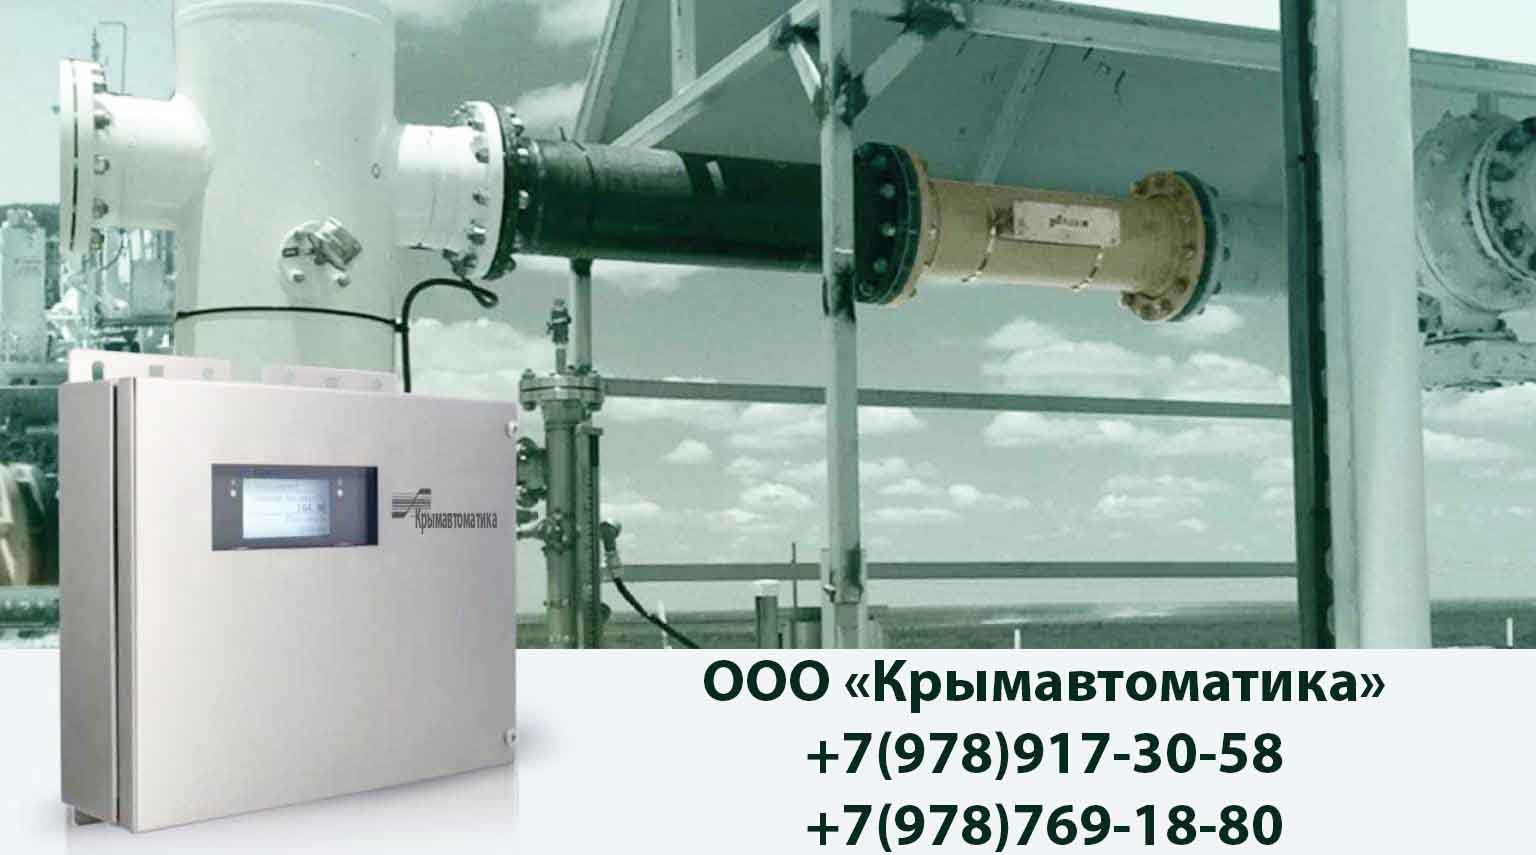 обслуживание узлов учета газа